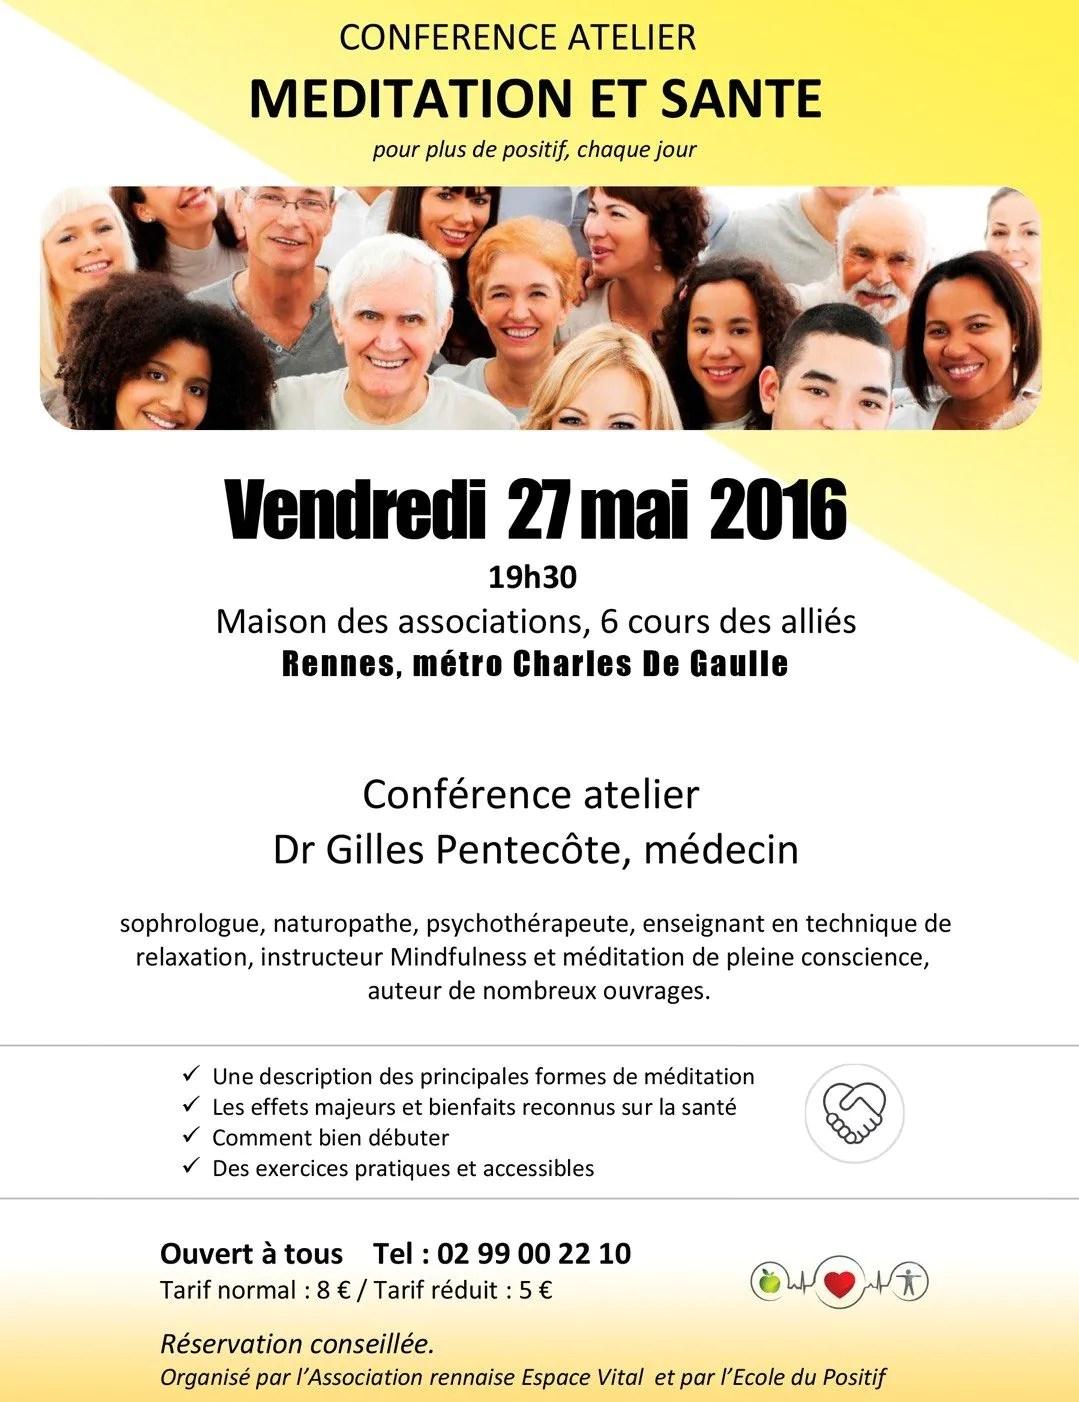 Méditation et santé Rennes